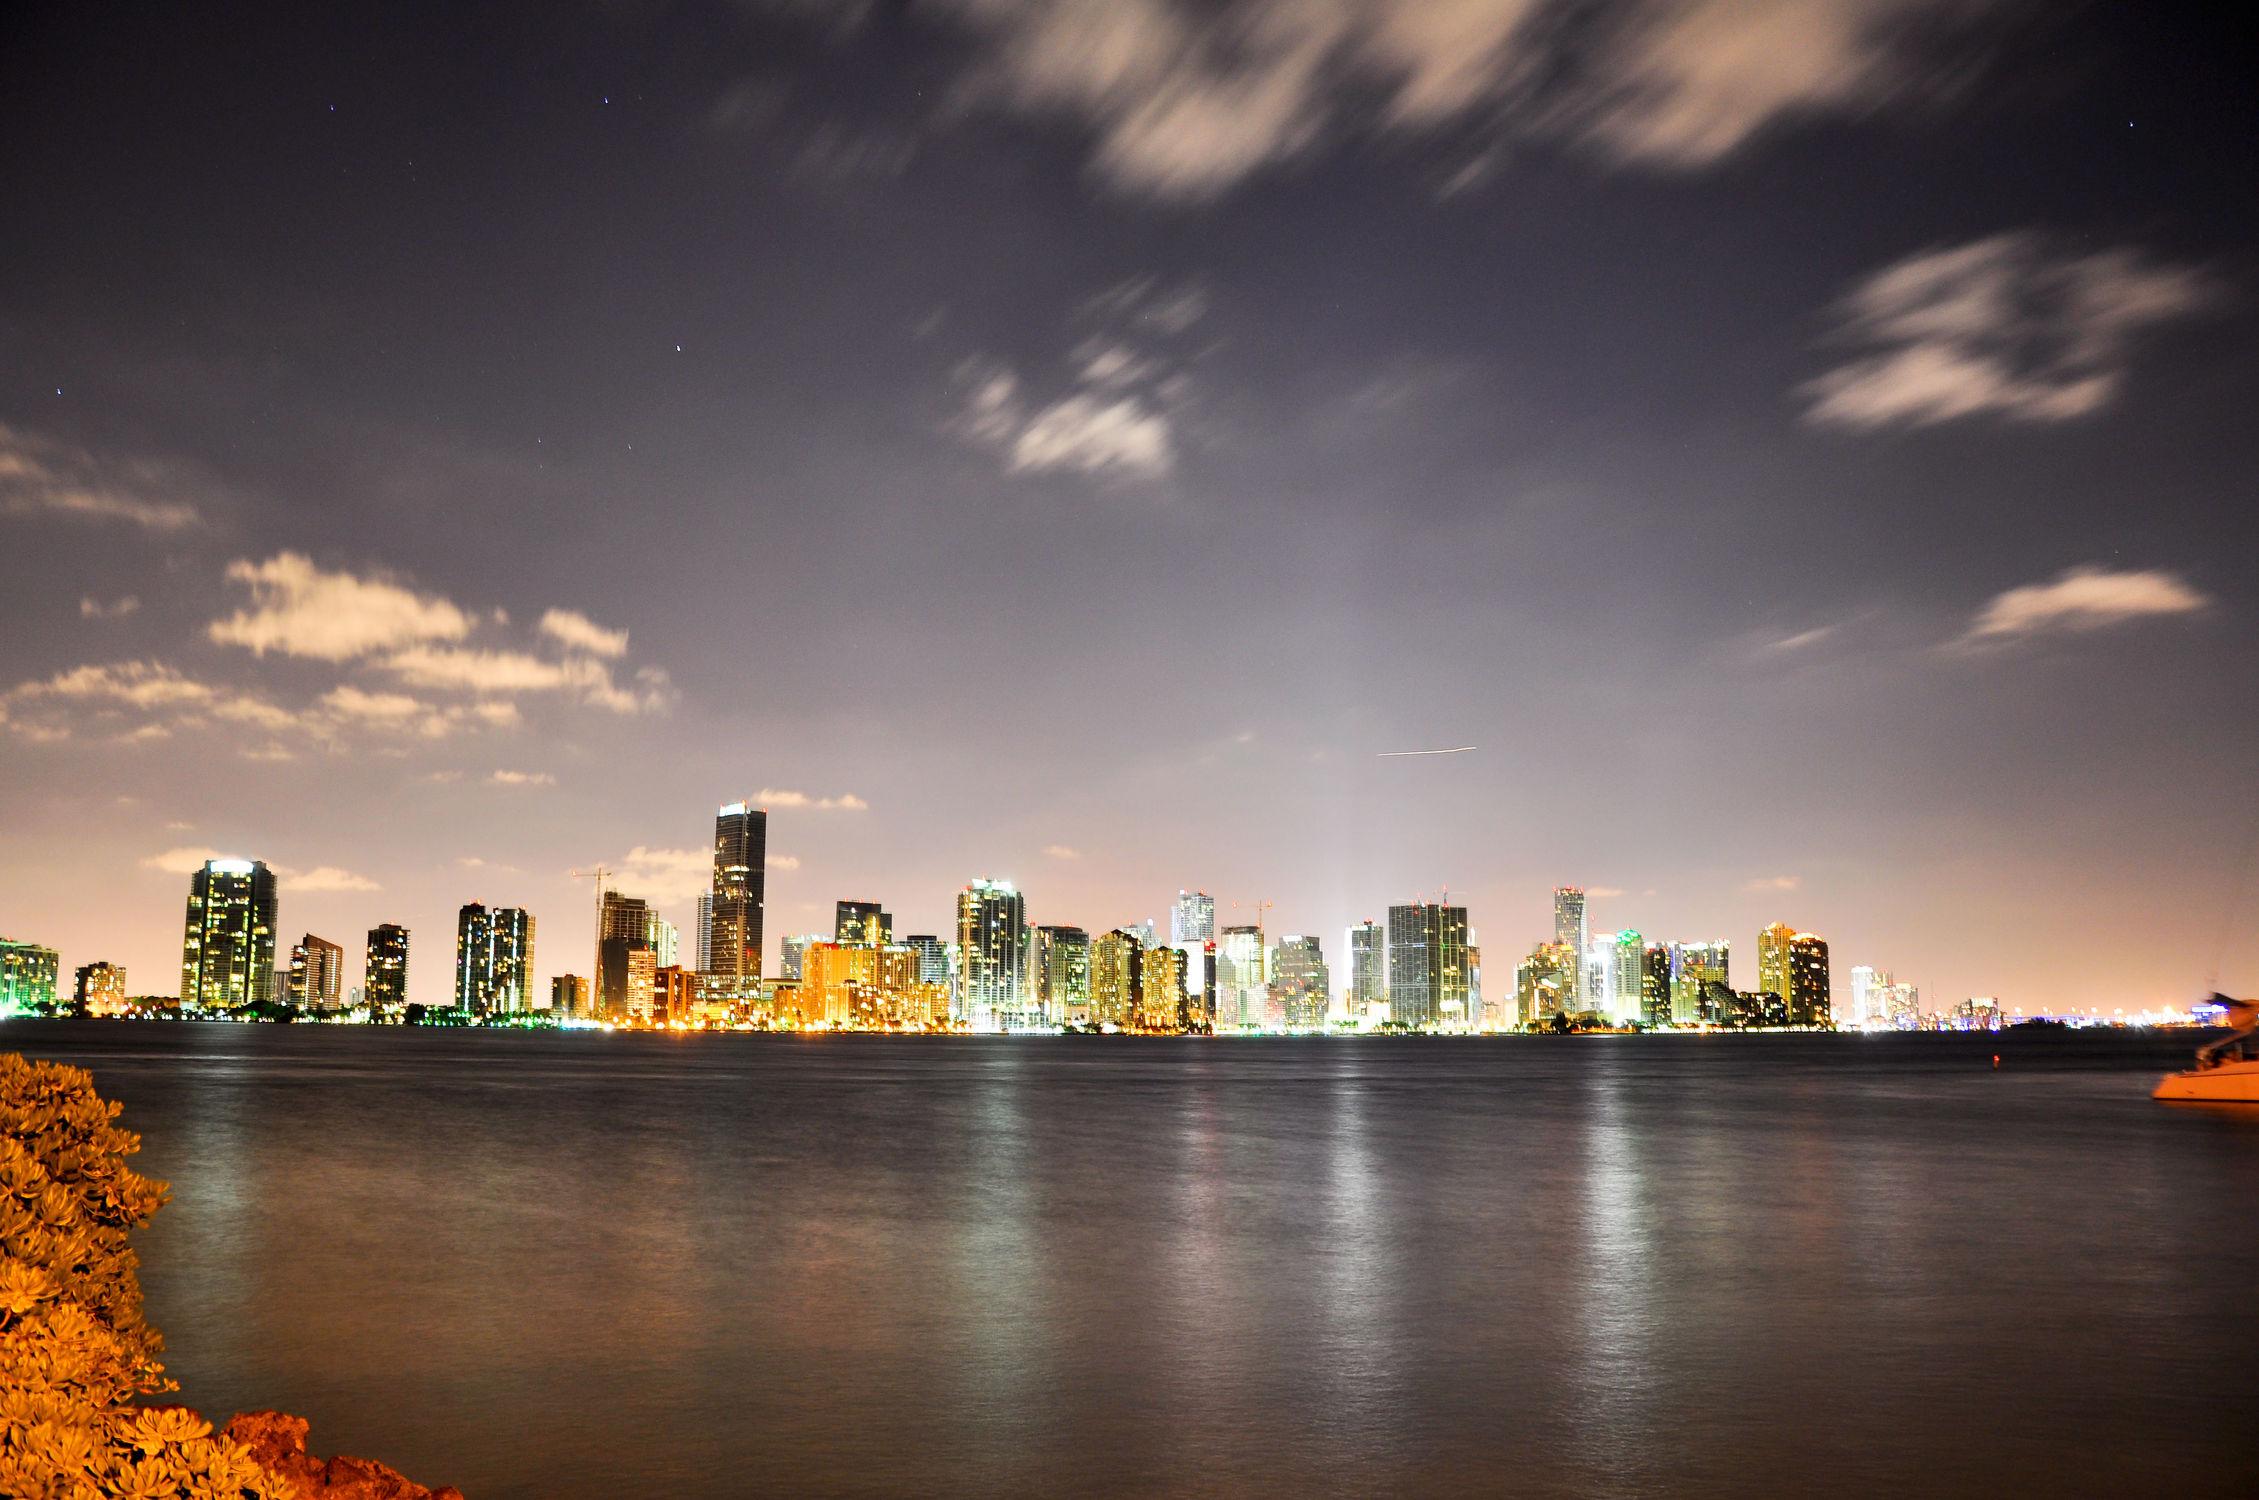 Bild mit Landschaften, Städte, Landschaft, Stadt, landscape, City, hochhaus, wolkenkratzer, Hochhäuser, miami